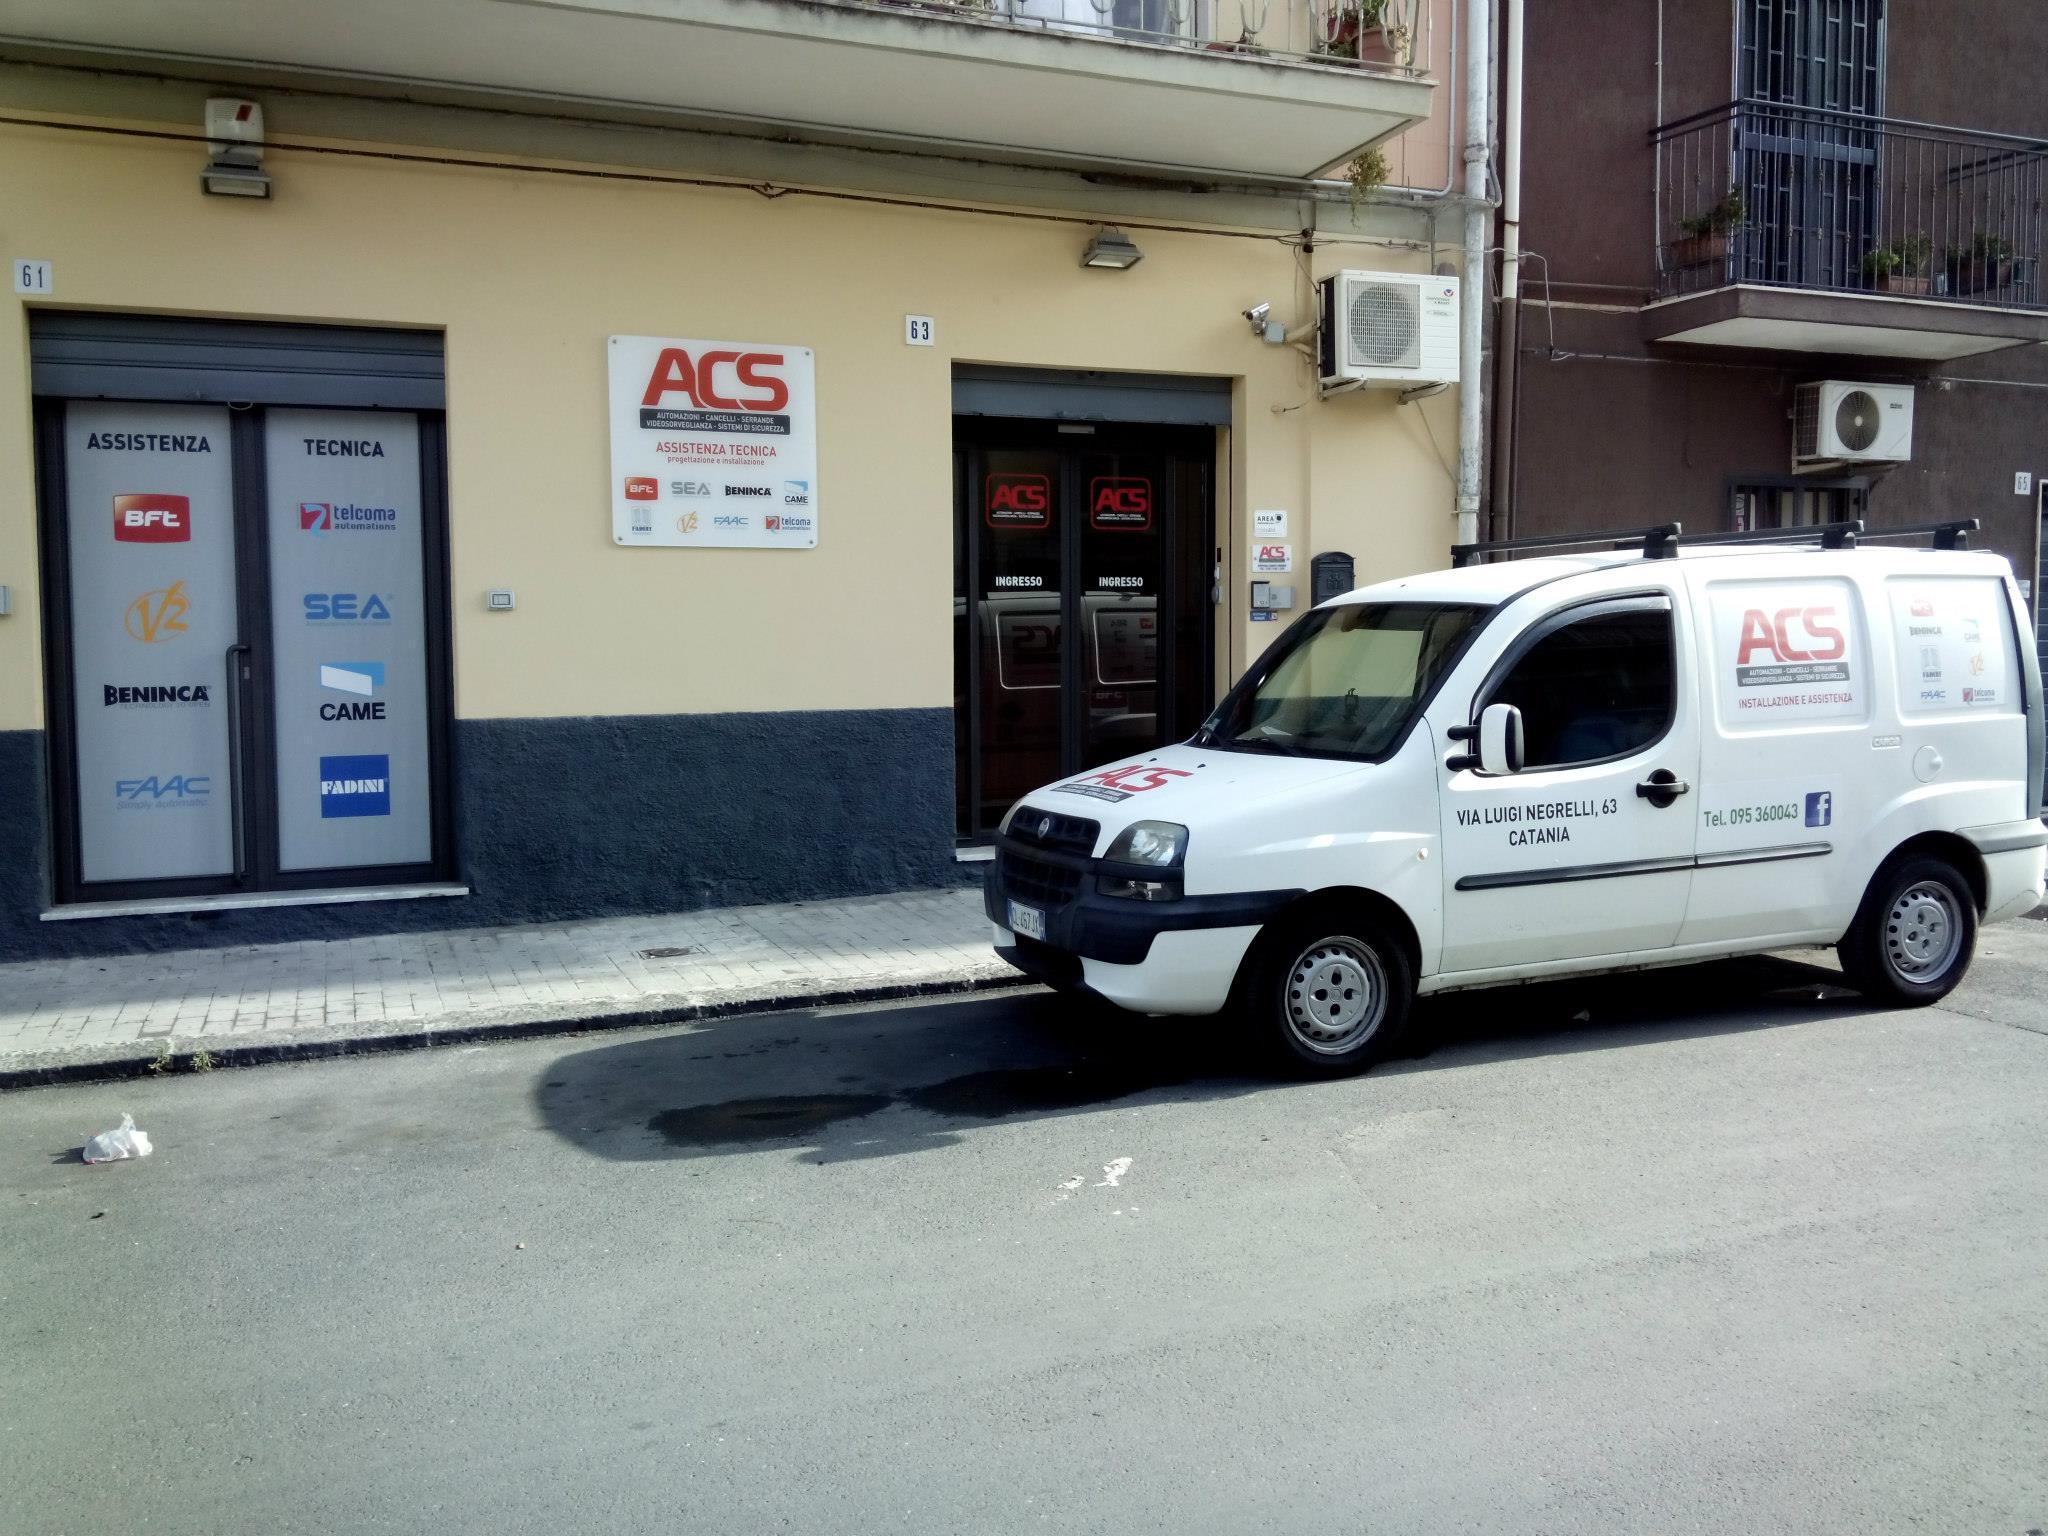 Acs Automazioni Cancelli Serrande Di Anzalone Gaetano